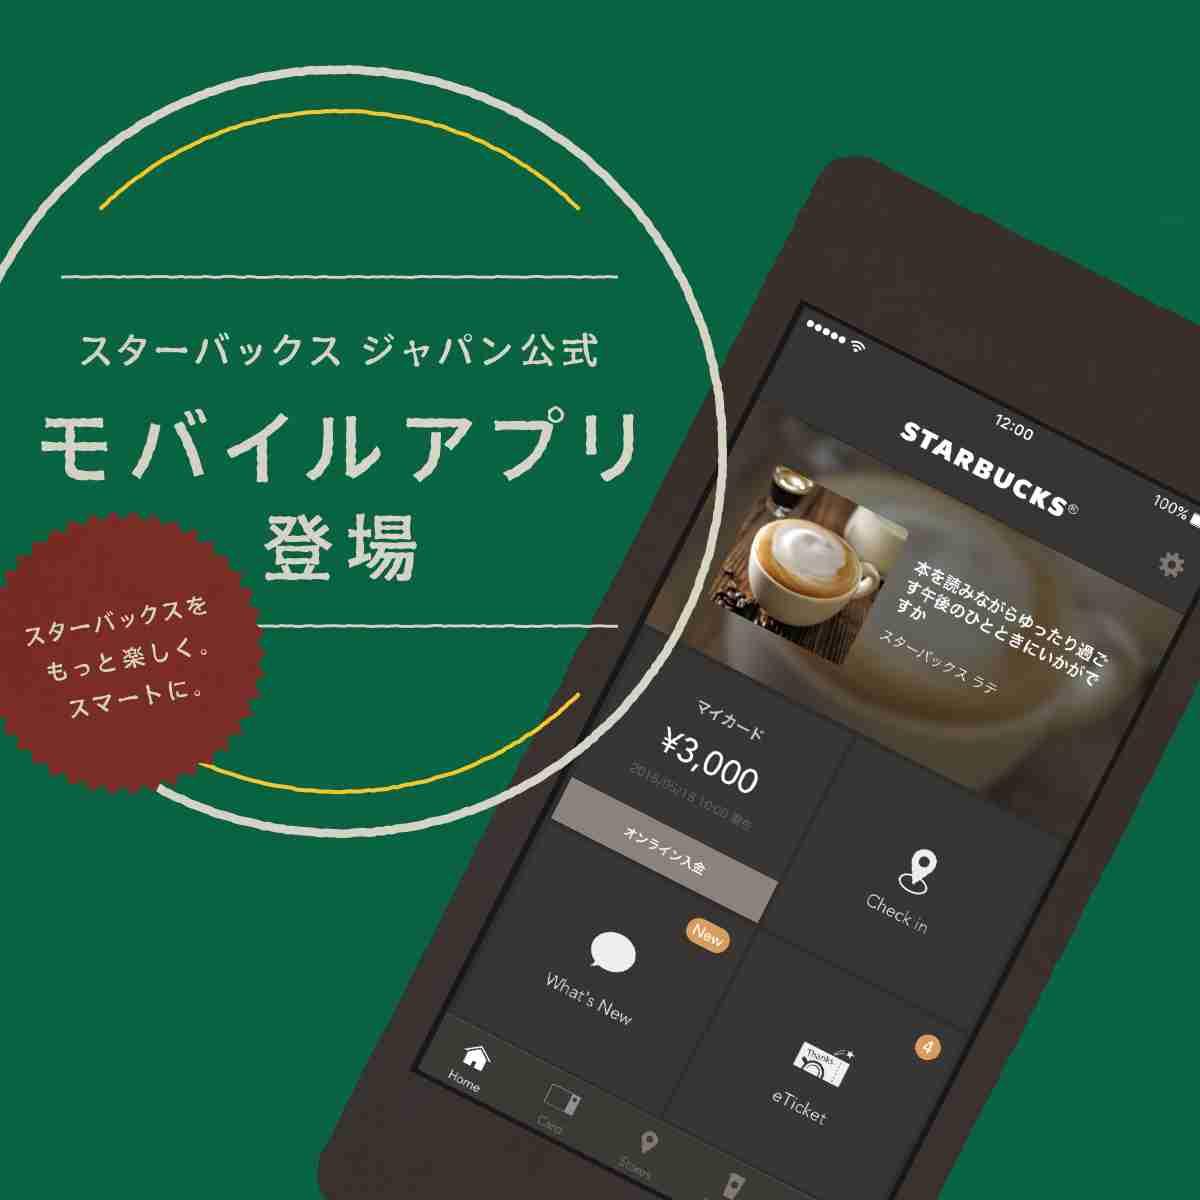 モバイルアプリ登場|スターバックス コーヒー ジャパン